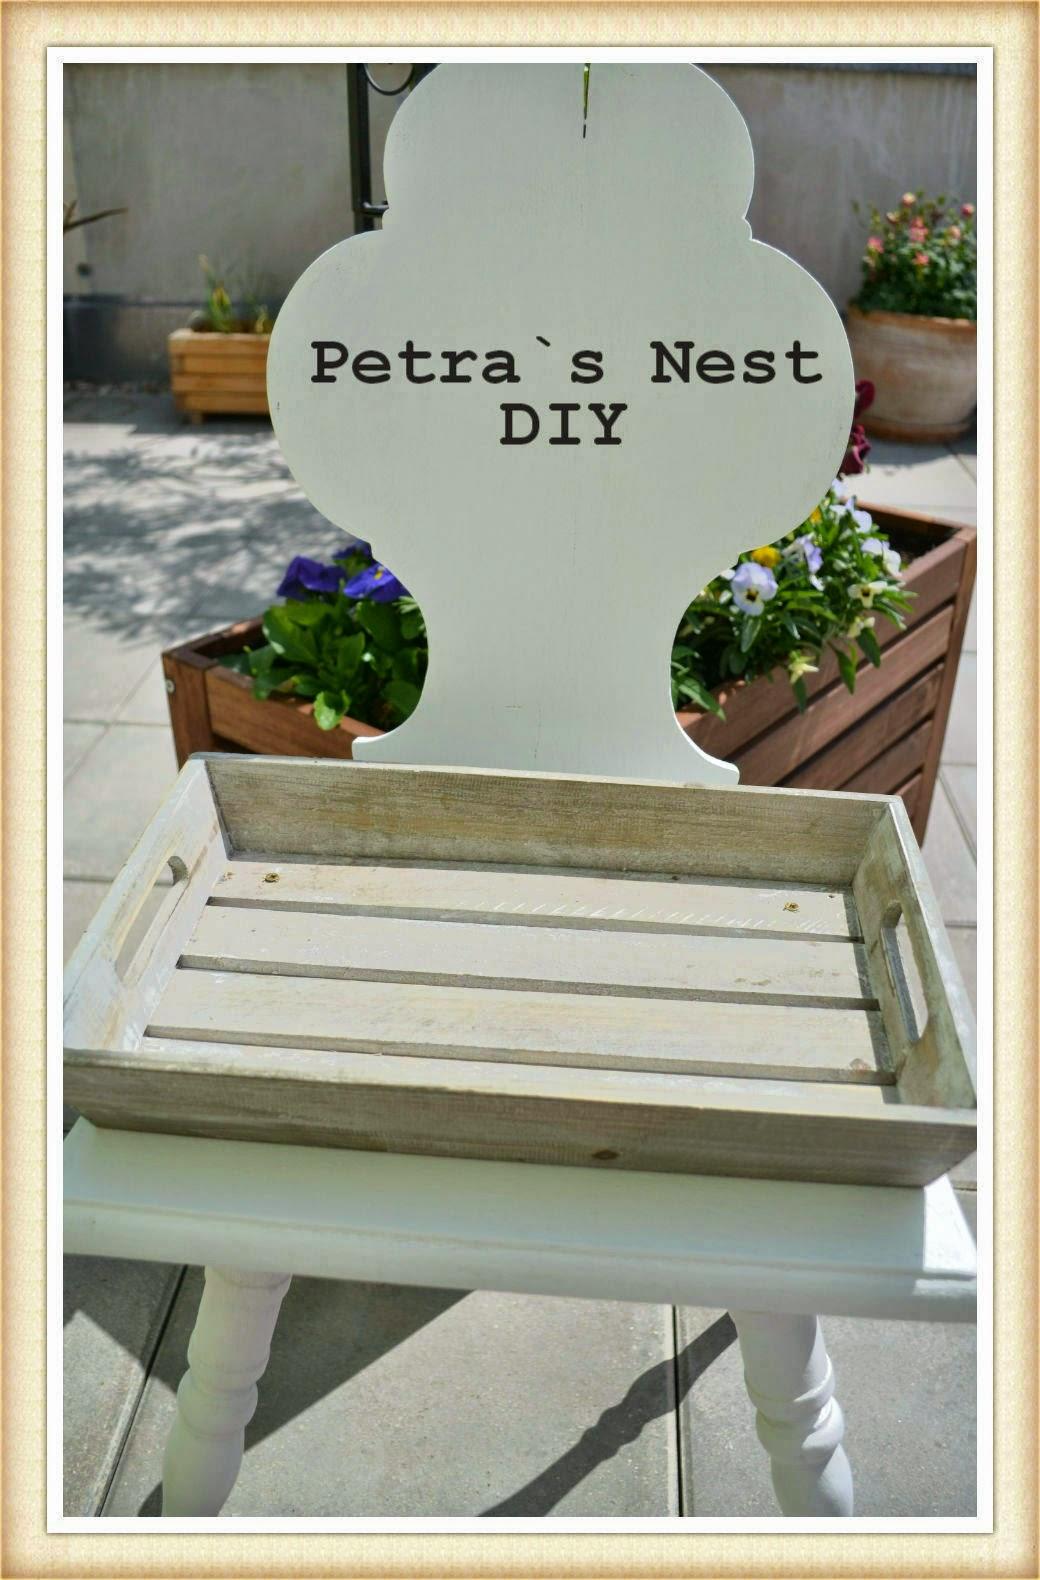 petra 39 s nest diy ein alter stuhl ein briges tablett farbe steine erde und pflanzen. Black Bedroom Furniture Sets. Home Design Ideas